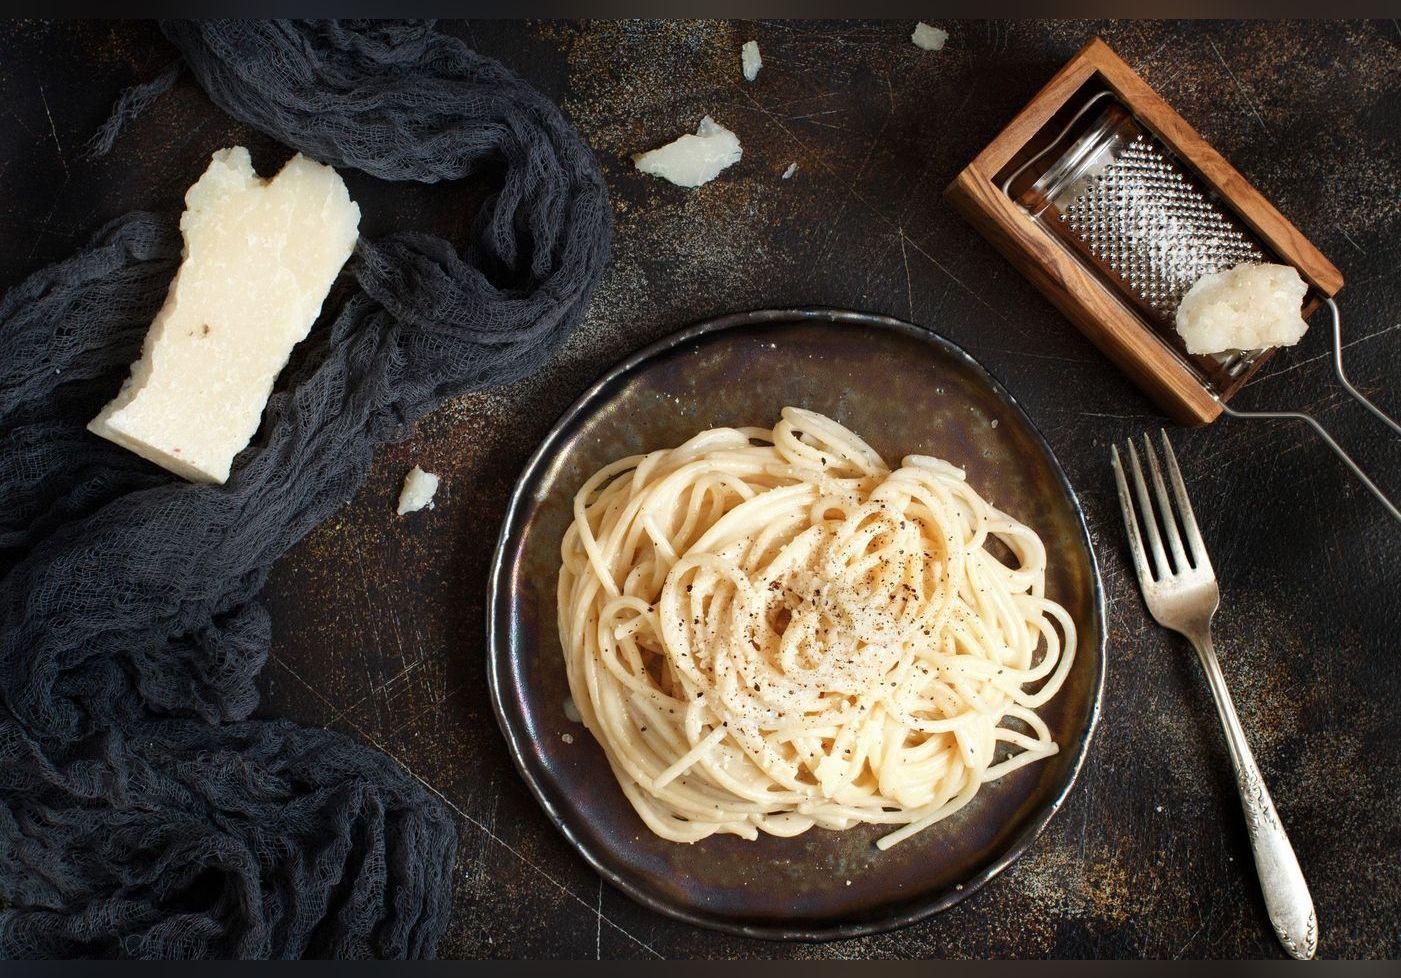 Julie Andrieu dévoile la recette de sa « sauce magique » pour des pâtes incroyablement gourmandes